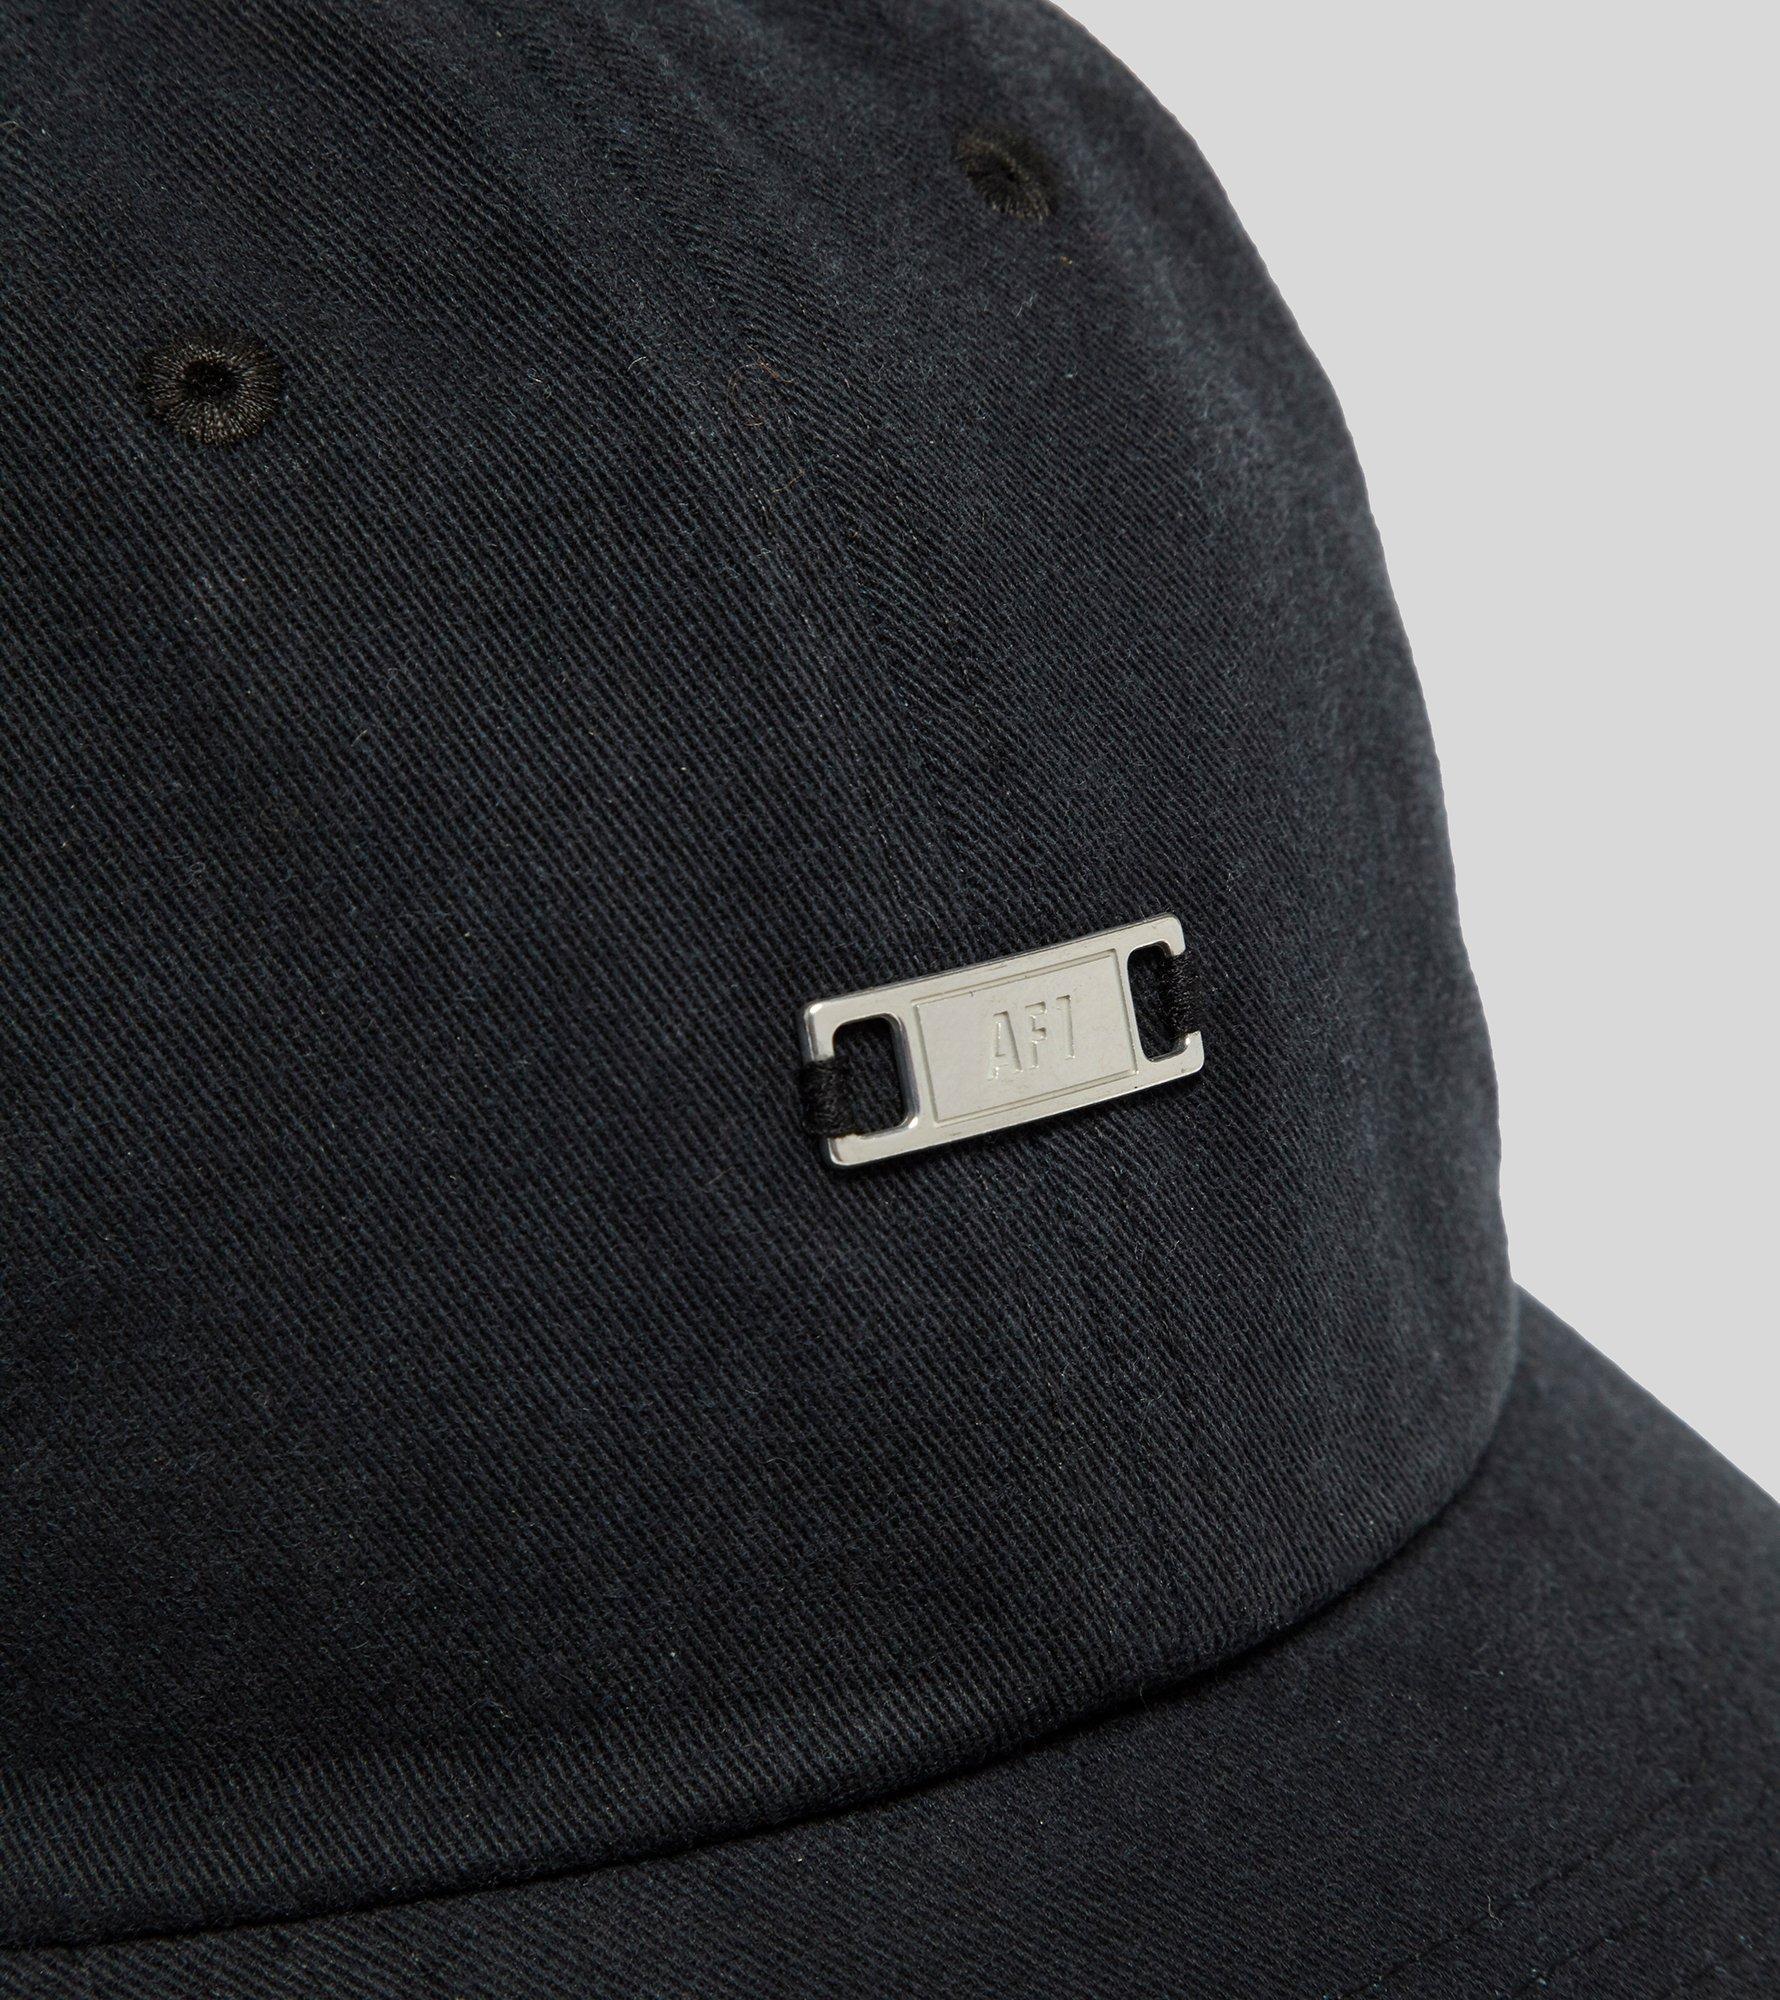 Lyst - Nike Air Force 1 Cap in Black for Men cfbd4230705